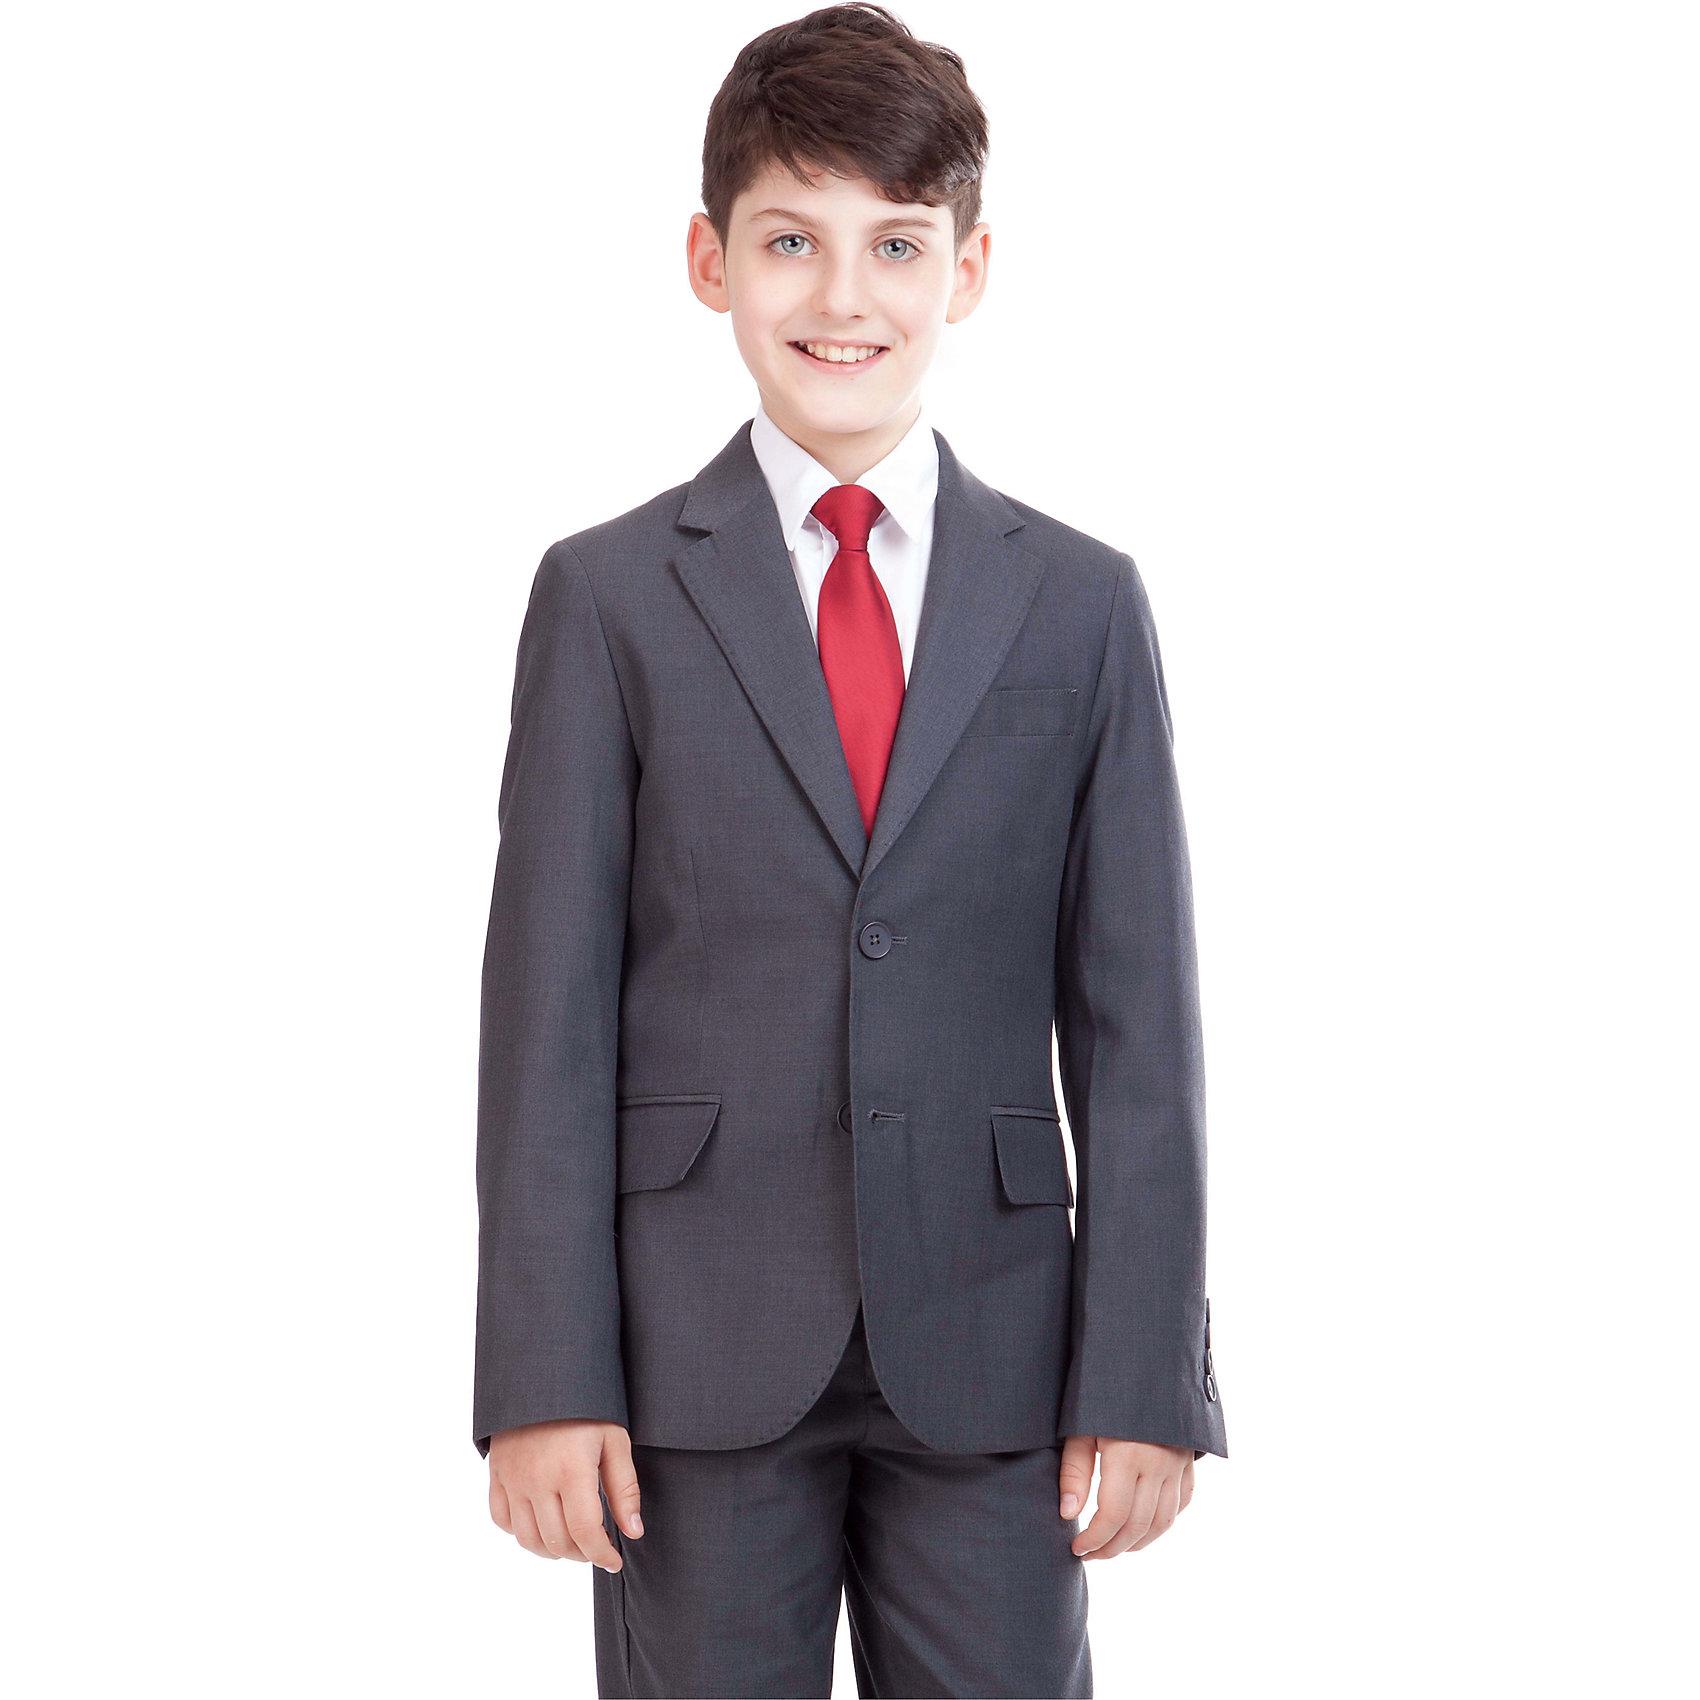 Пиджак для мальчика GulliverПиджак для мальчика от российского бренда Gulliver.<br>Замечательный серый пиджак выполняет функцию главного делового атрибута школьника. Он уместен для ежедневного использования и незаменим для торжественных мероприятий. Великолепный состав и качество ткани сделает длительное пребывание в пиджаке приятным и комфортным. Весьма оригинально выглядит орнаментальная подкладка пиджака.<br>Состав:<br>тк. верха: 65% полиэстер,  25% вискоза, 10% шерсть подкл.: 100% полиэстер<br><br>Ширина мм: 356<br>Глубина мм: 10<br>Высота мм: 245<br>Вес г: 519<br>Цвет: серый<br>Возраст от месяцев: 144<br>Возраст до месяцев: 156<br>Пол: Мужской<br>Возраст: Детский<br>Размер: 158,146,122,128,134,140,152<br>SKU: 4174624